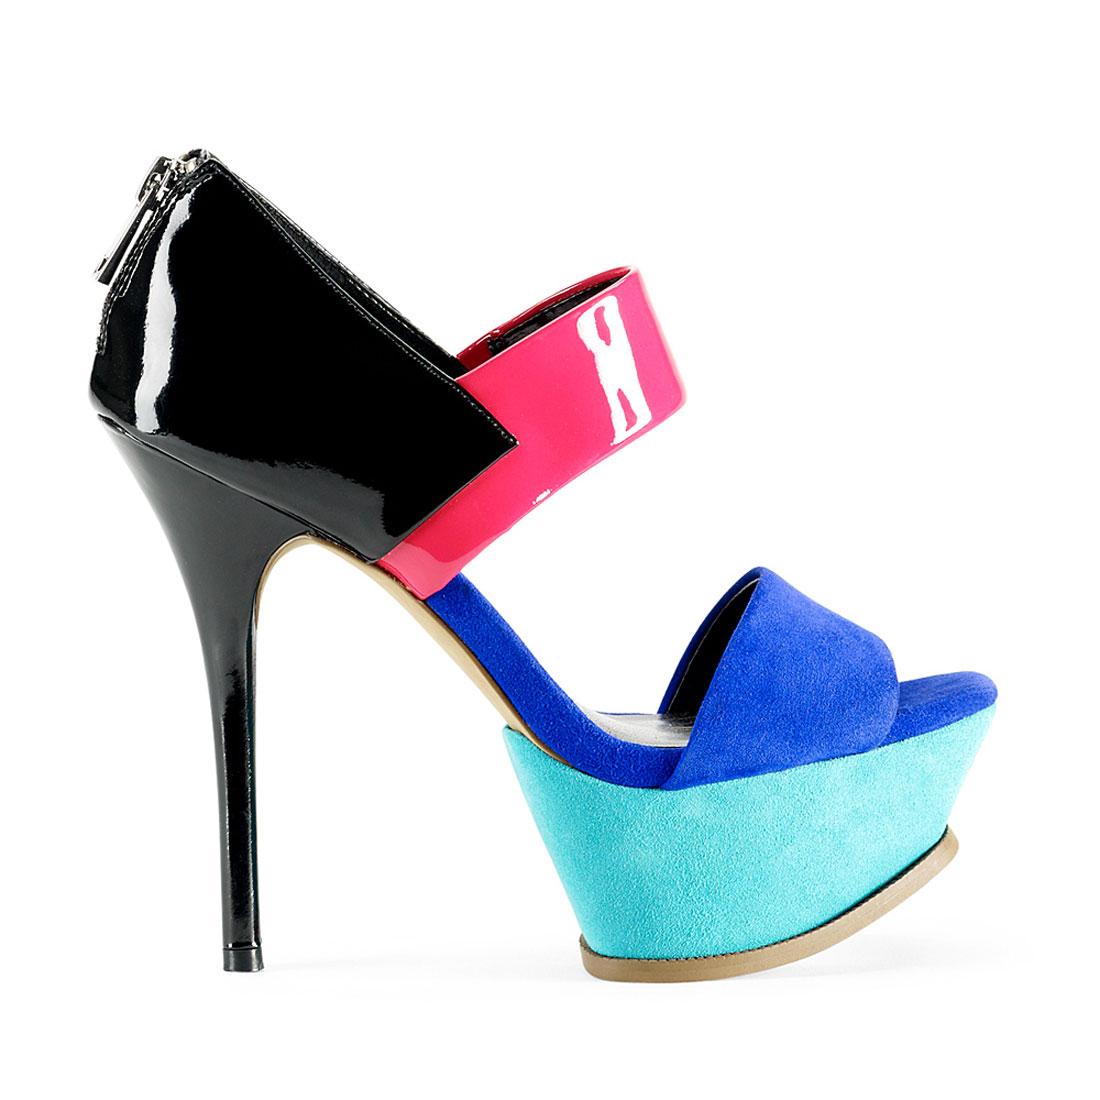 http://1.bp.blogspot.com/-b2h3vOgjIic/T-tHv60R8jI/AAAAAAAABJw/xWbx662ik5E/s1600/zapatos-tacon-jessica-simpson.jpg